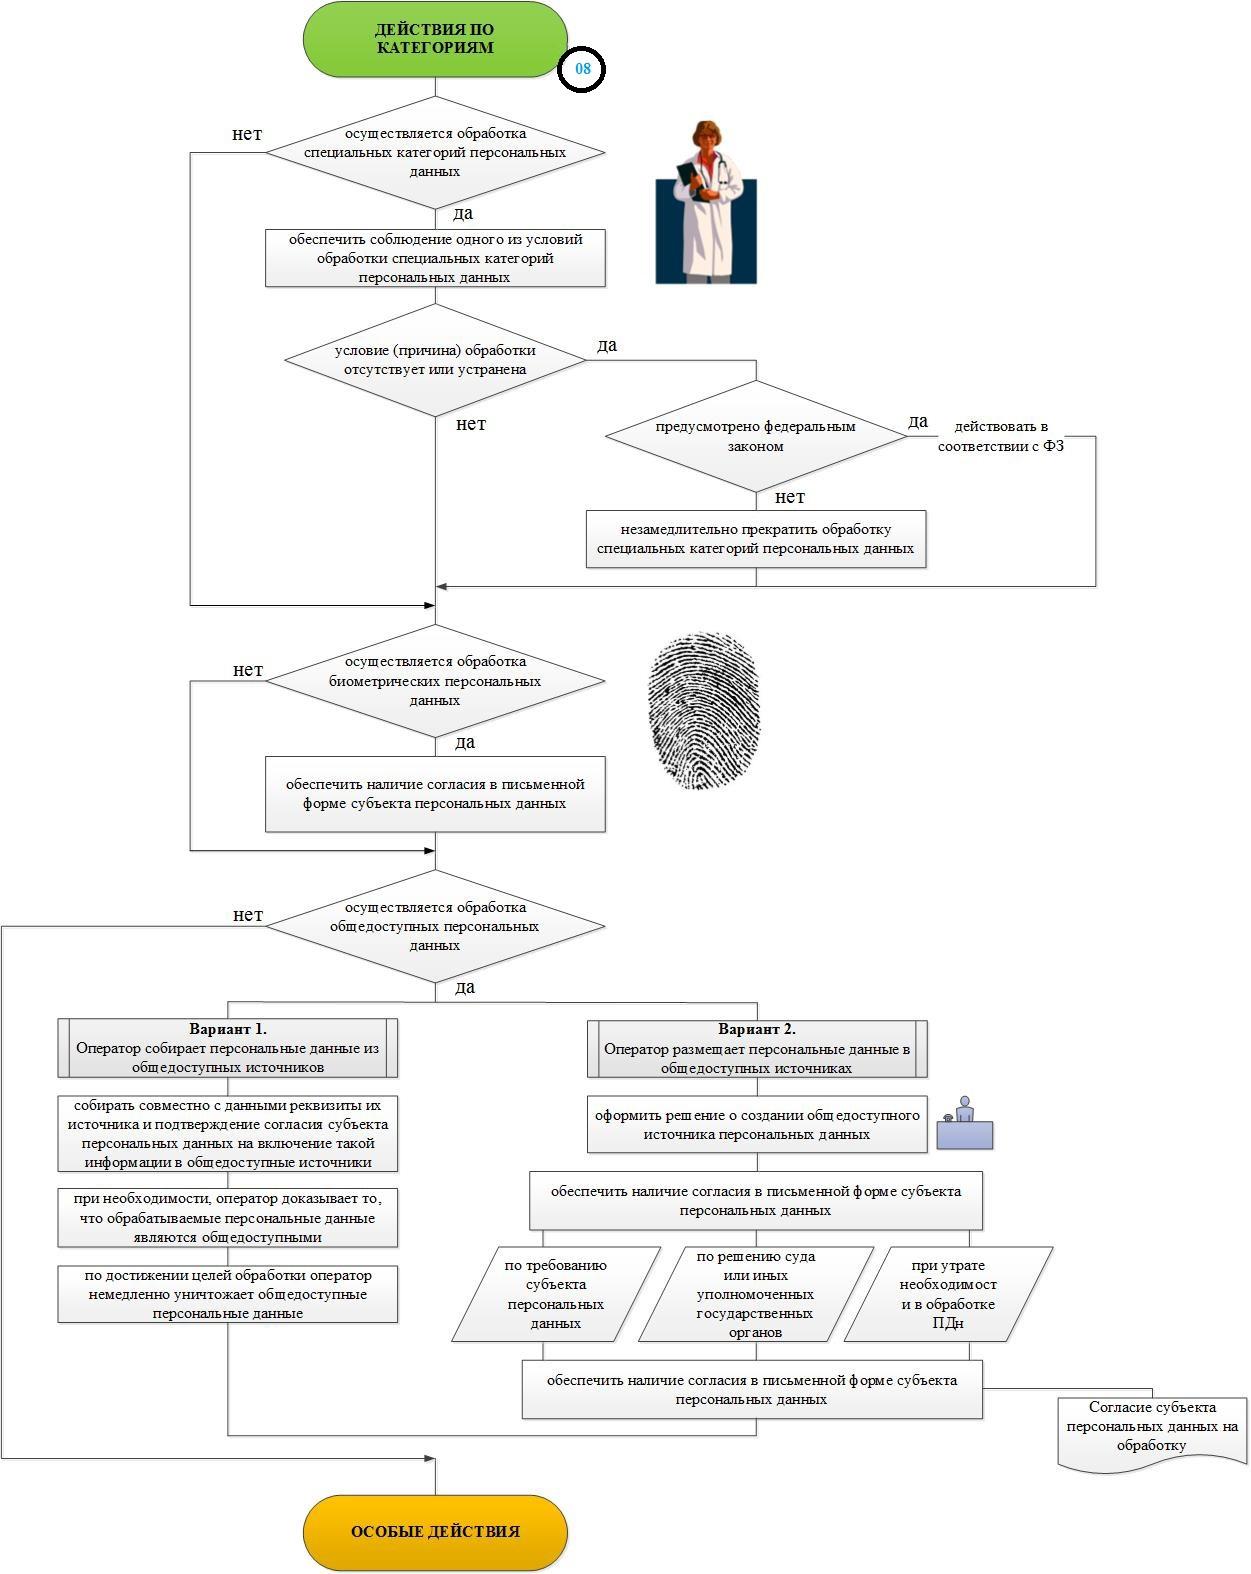 Формализованный метод разбора и анализа нормативных и методических документов, а также синтеза на их основе локальных актов - 9